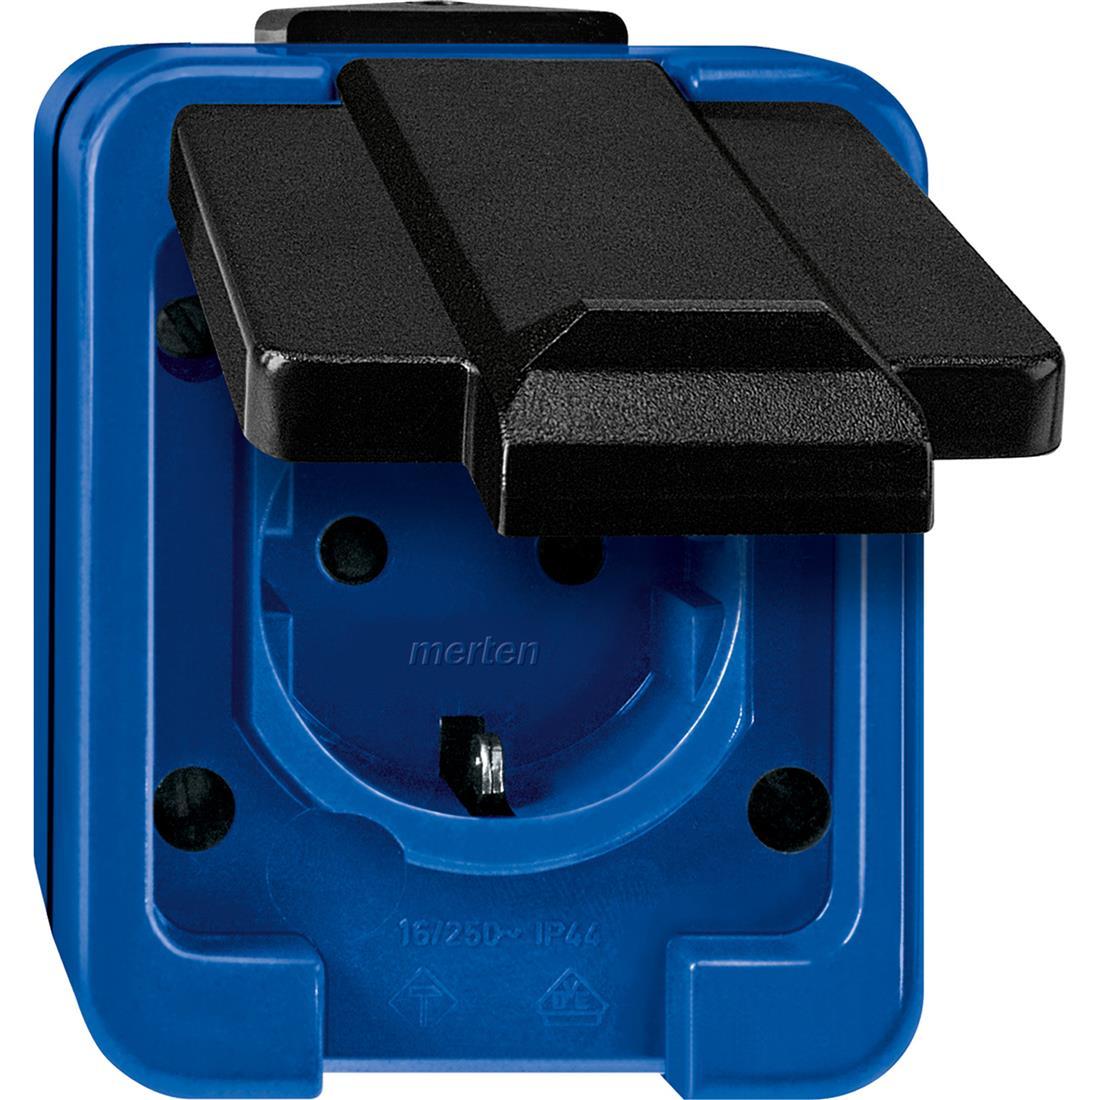 Schneider-Merten Slagvast 1-voudig wandcontactdoos - blauw (279075)